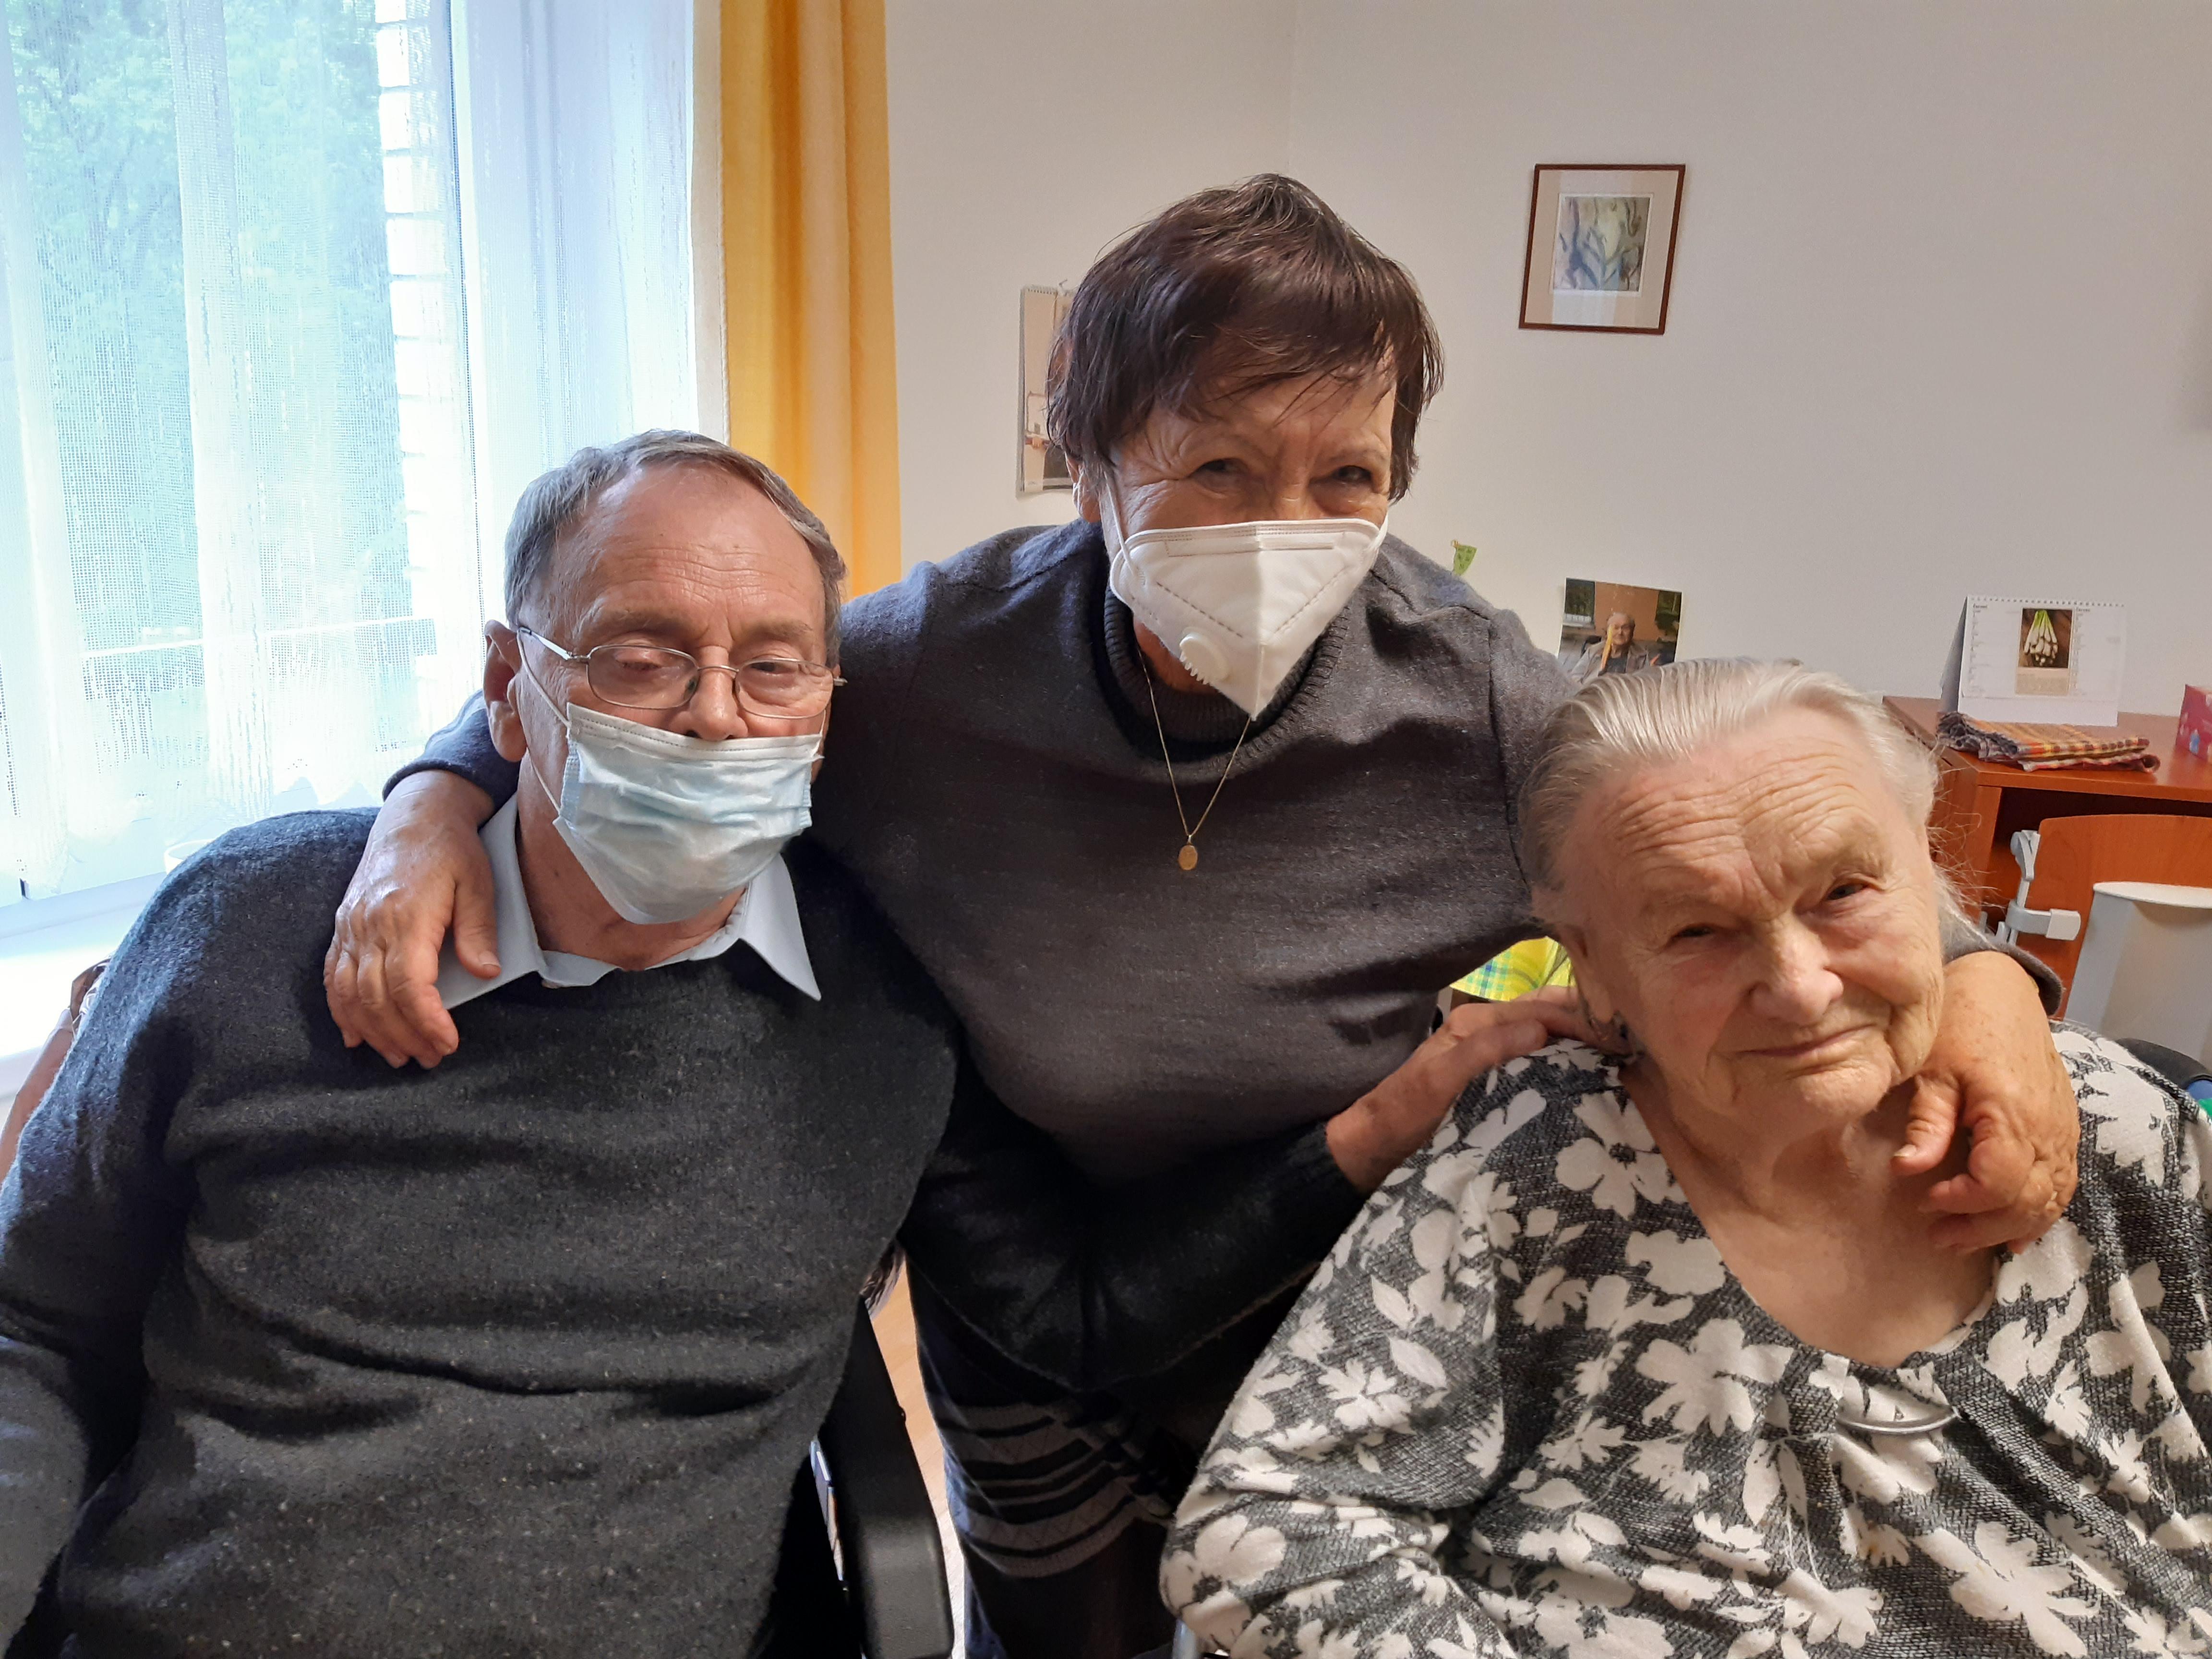 Seniorům z Astry kontakt s vrstevníky chyběl, nyní se život v denním centru vrací do normálu